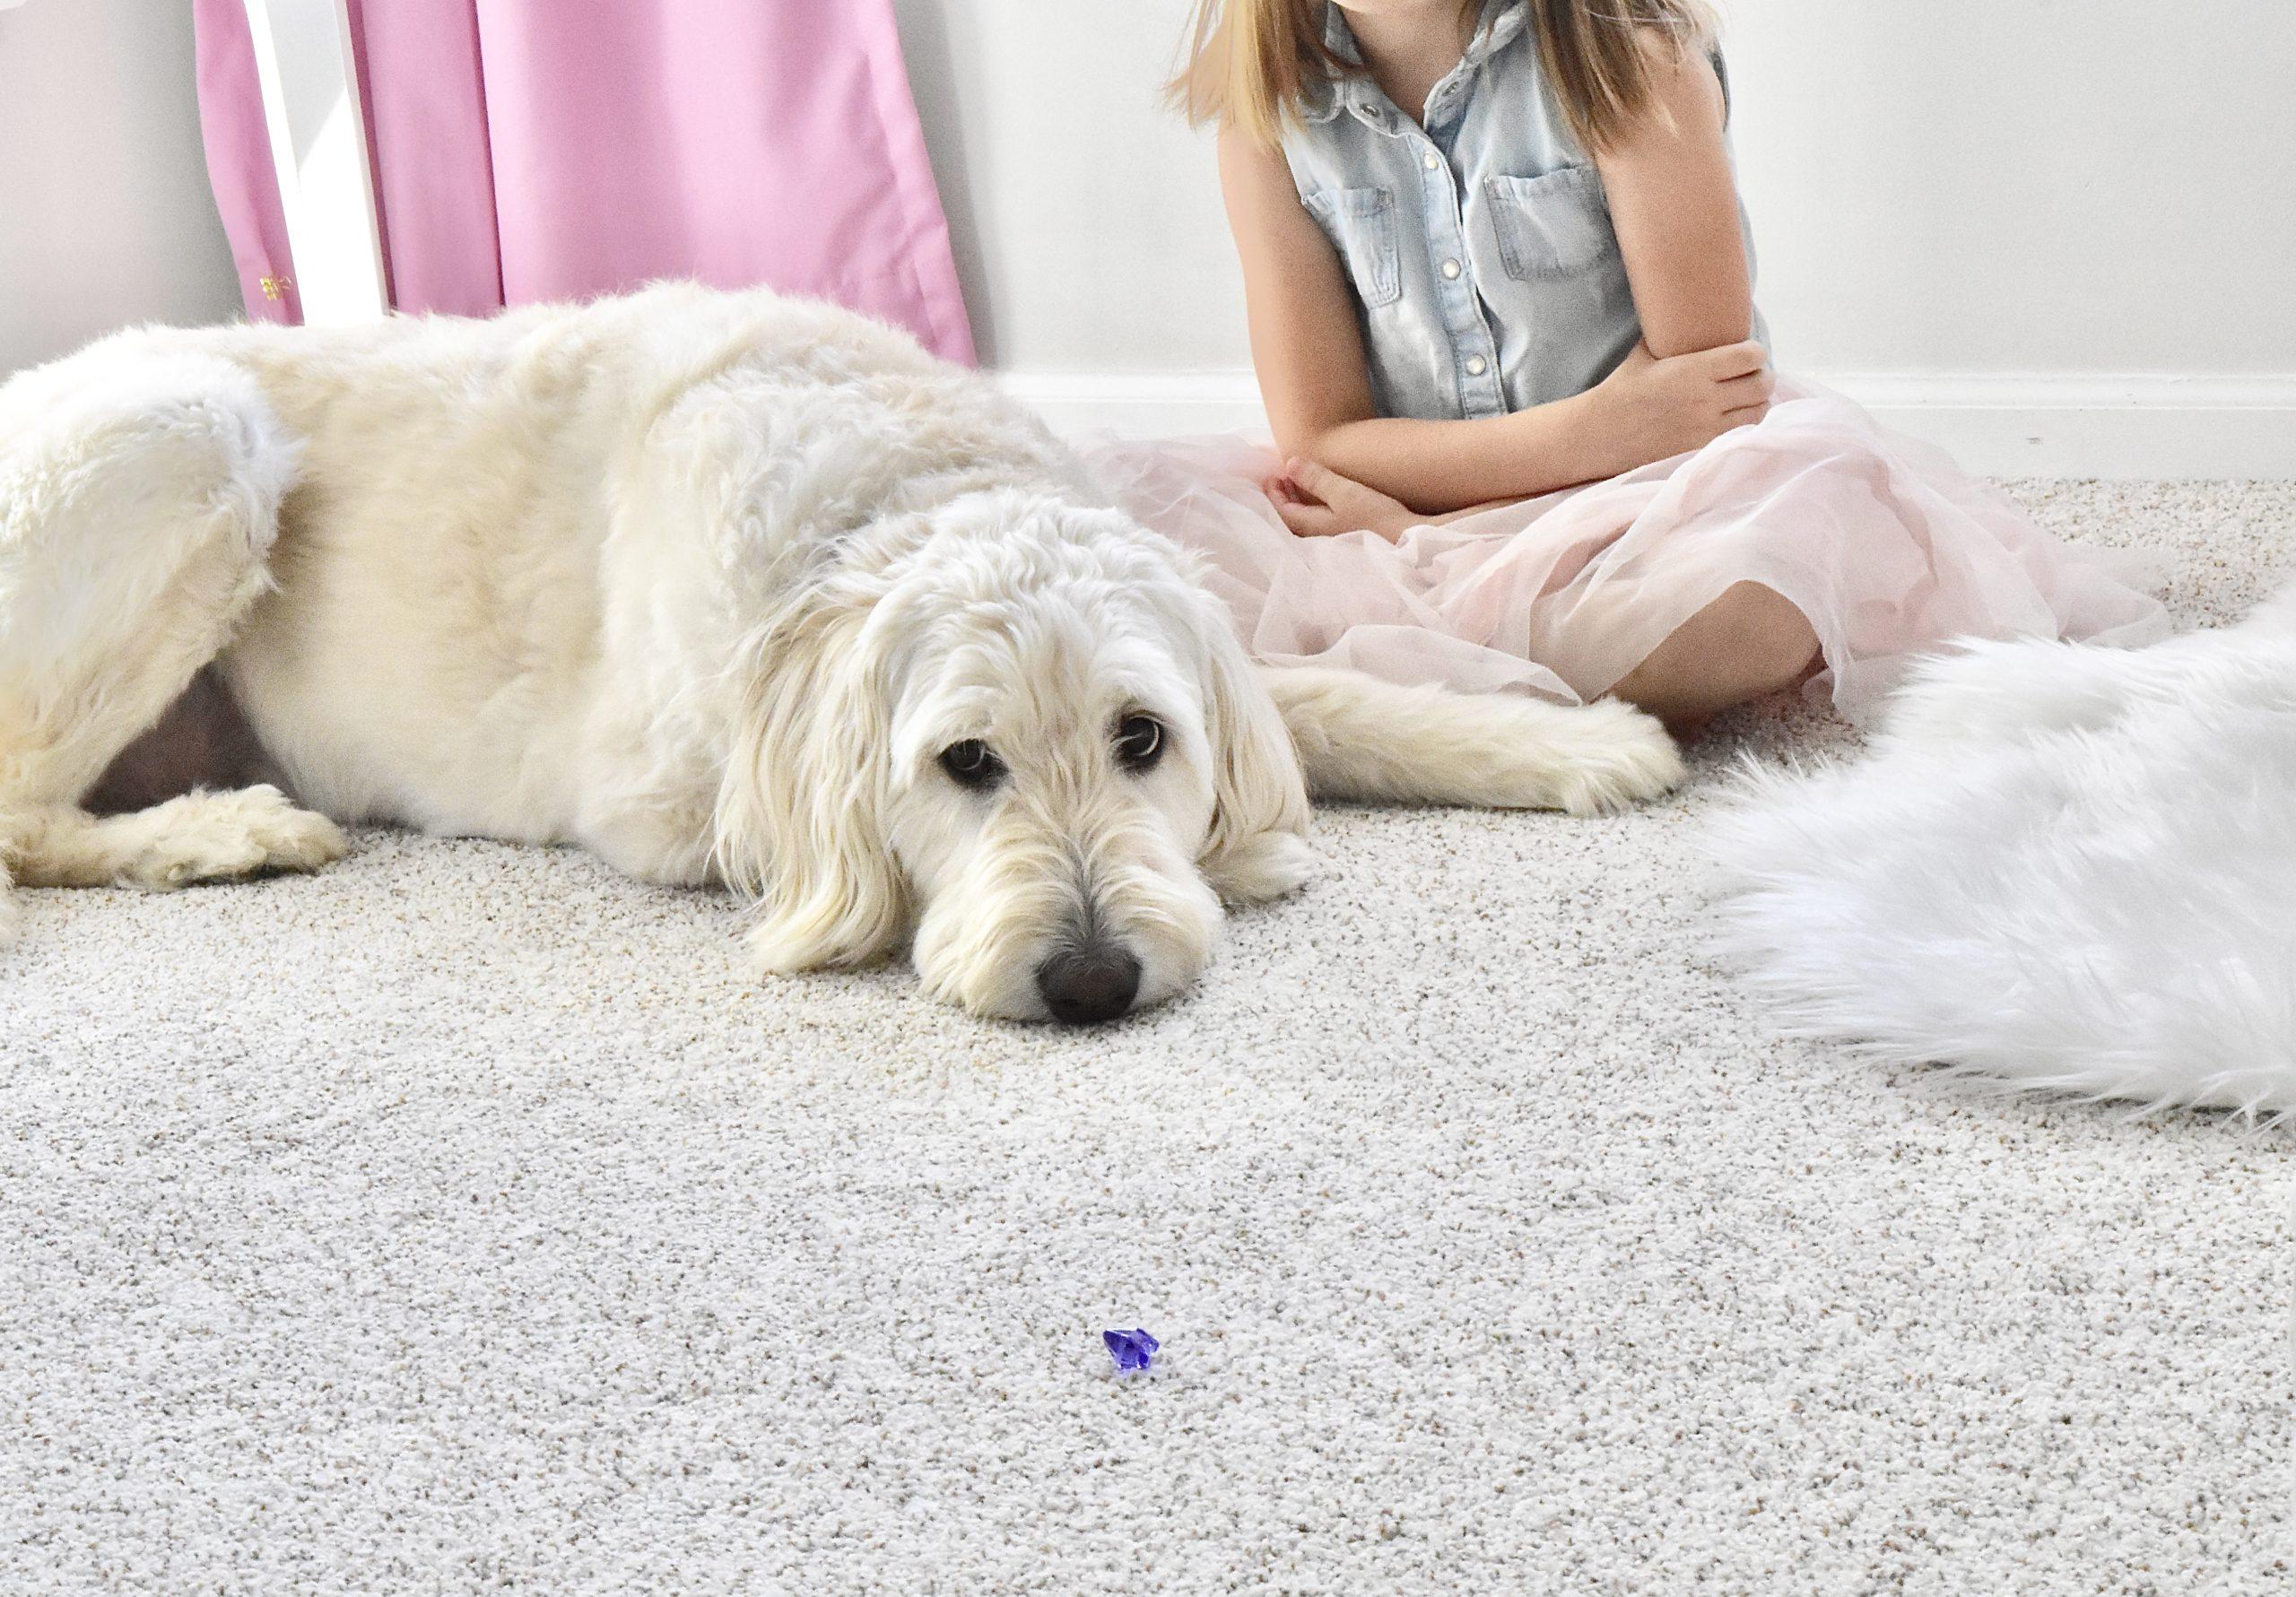 Carpet & Rug - Dog and Girl